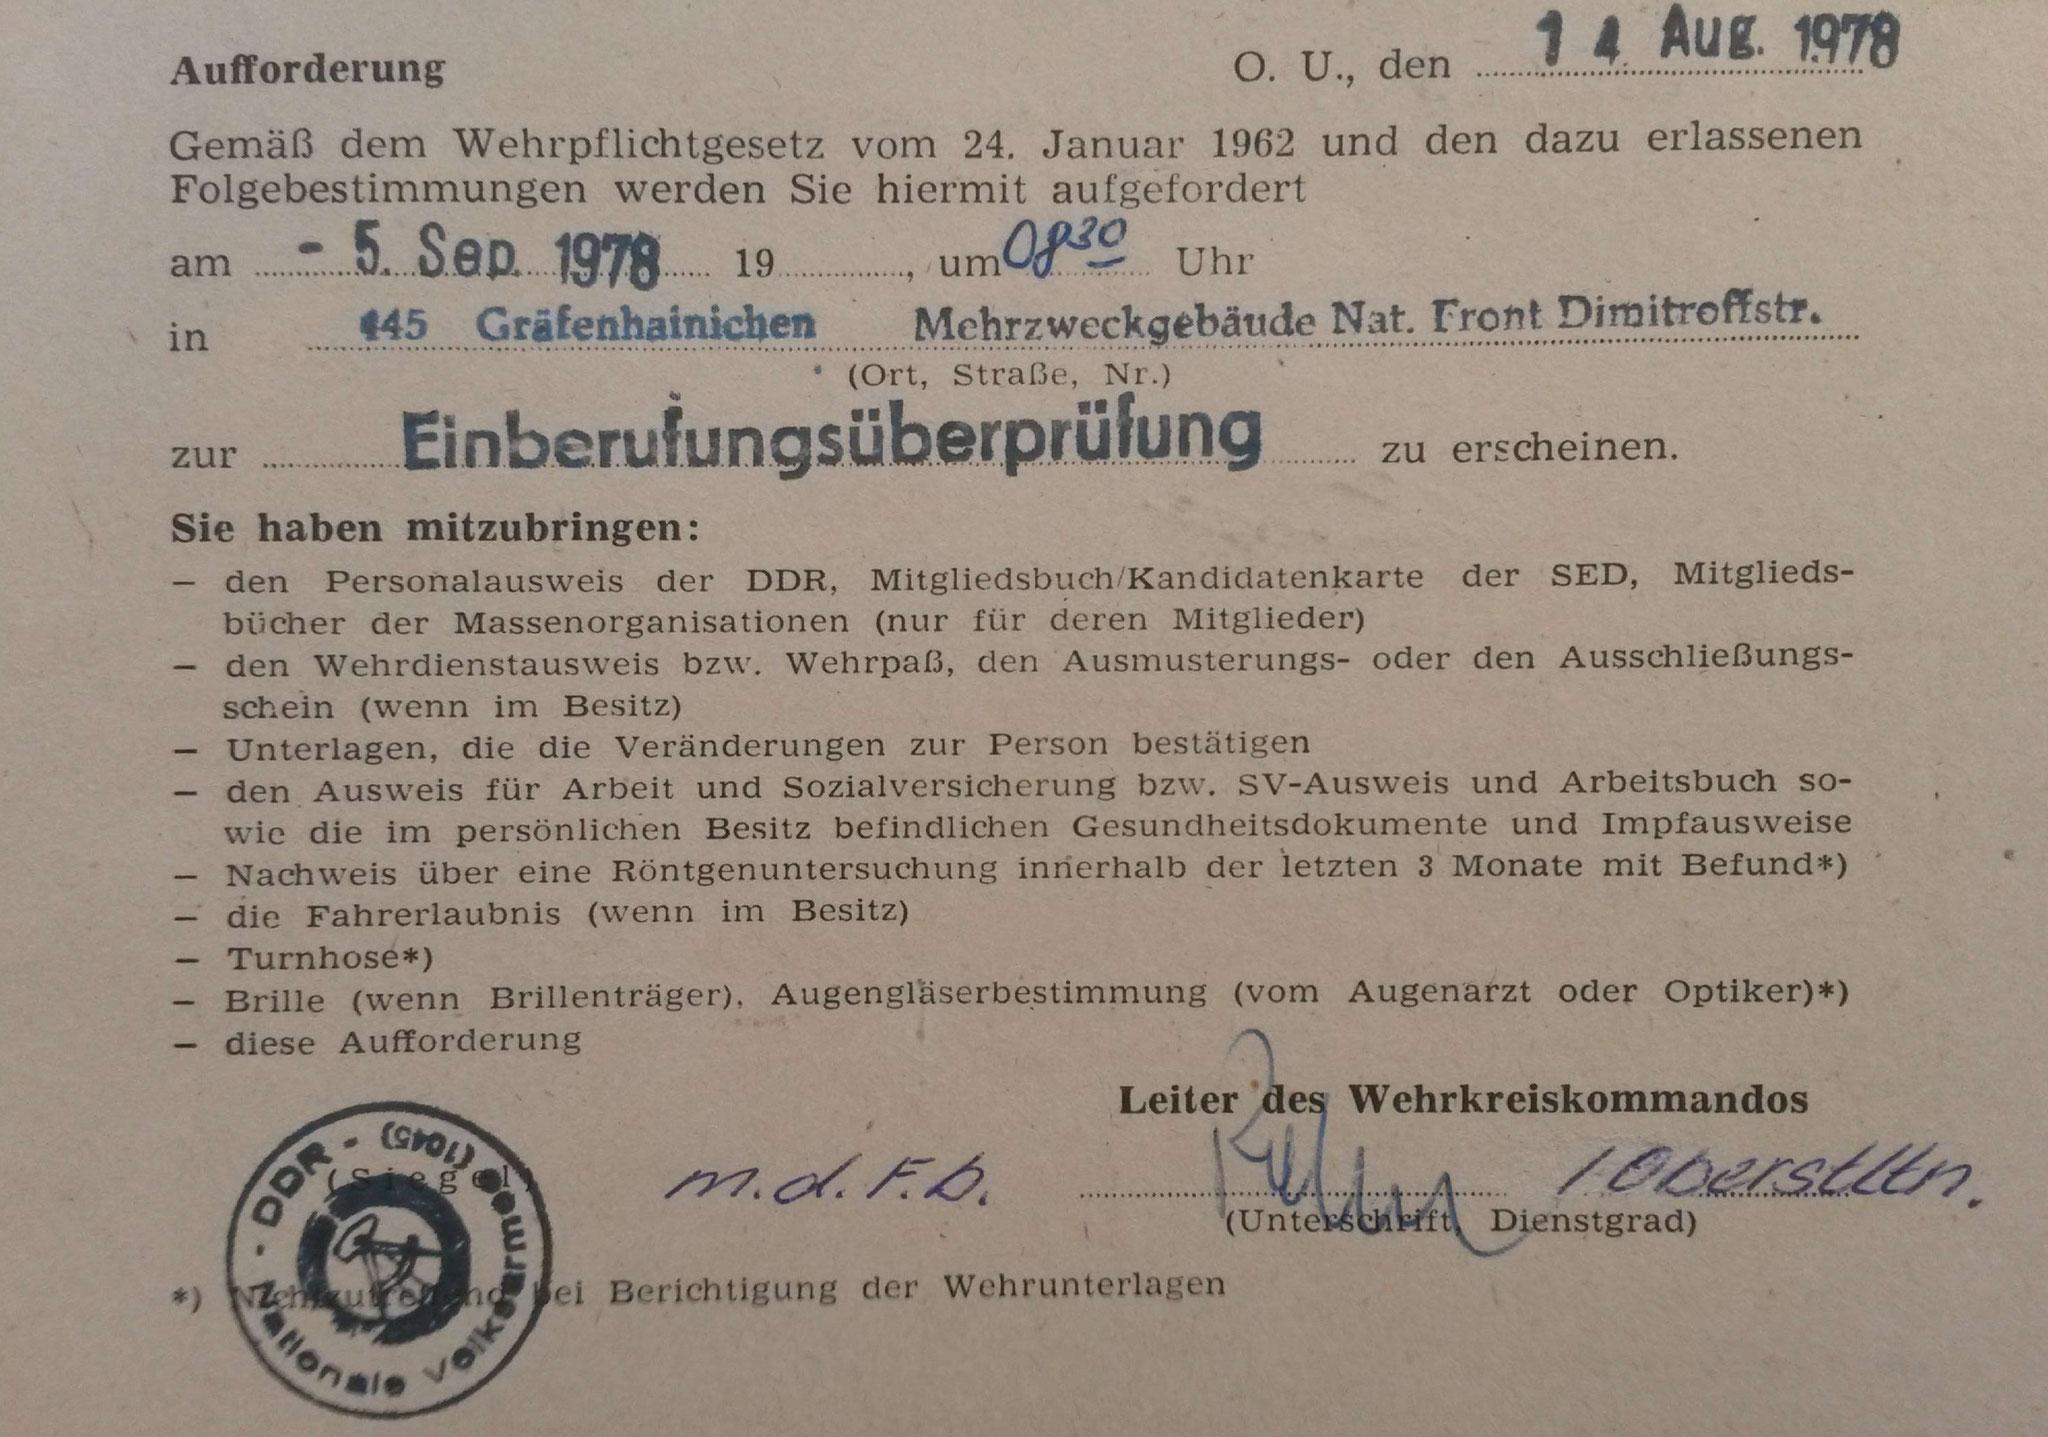 Einberufungs-Überprüfung zur Nationalen Volksarmee für den Zeitraum vom  01.11.1978 - 30.04.1980